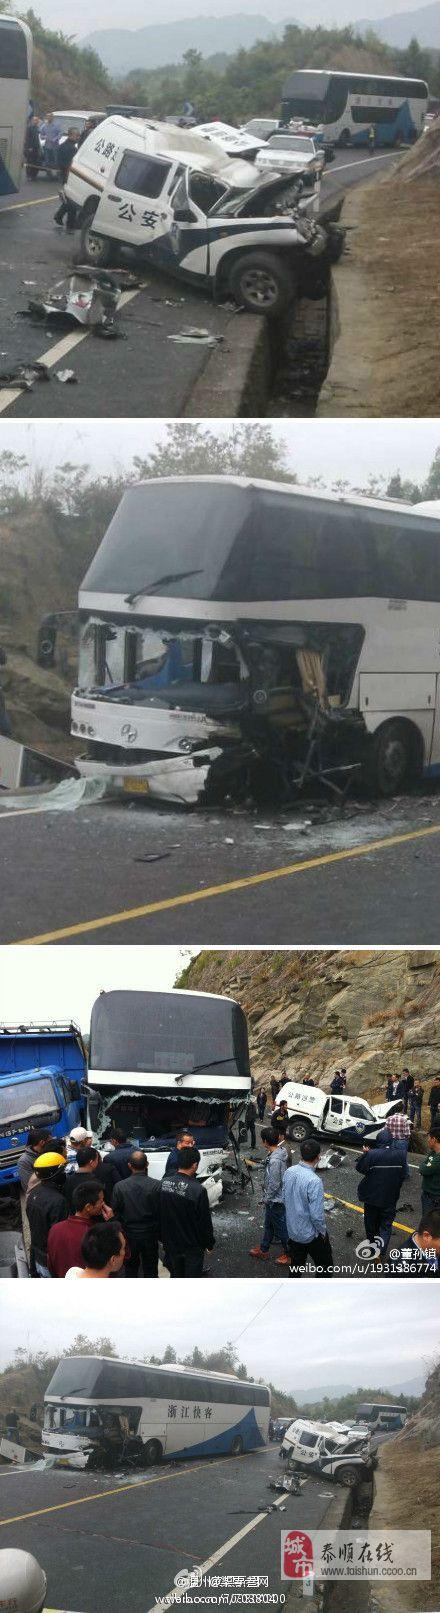 今天上午9点半,58省道发生重大交通事故,大巴车与公路巡警车对撞